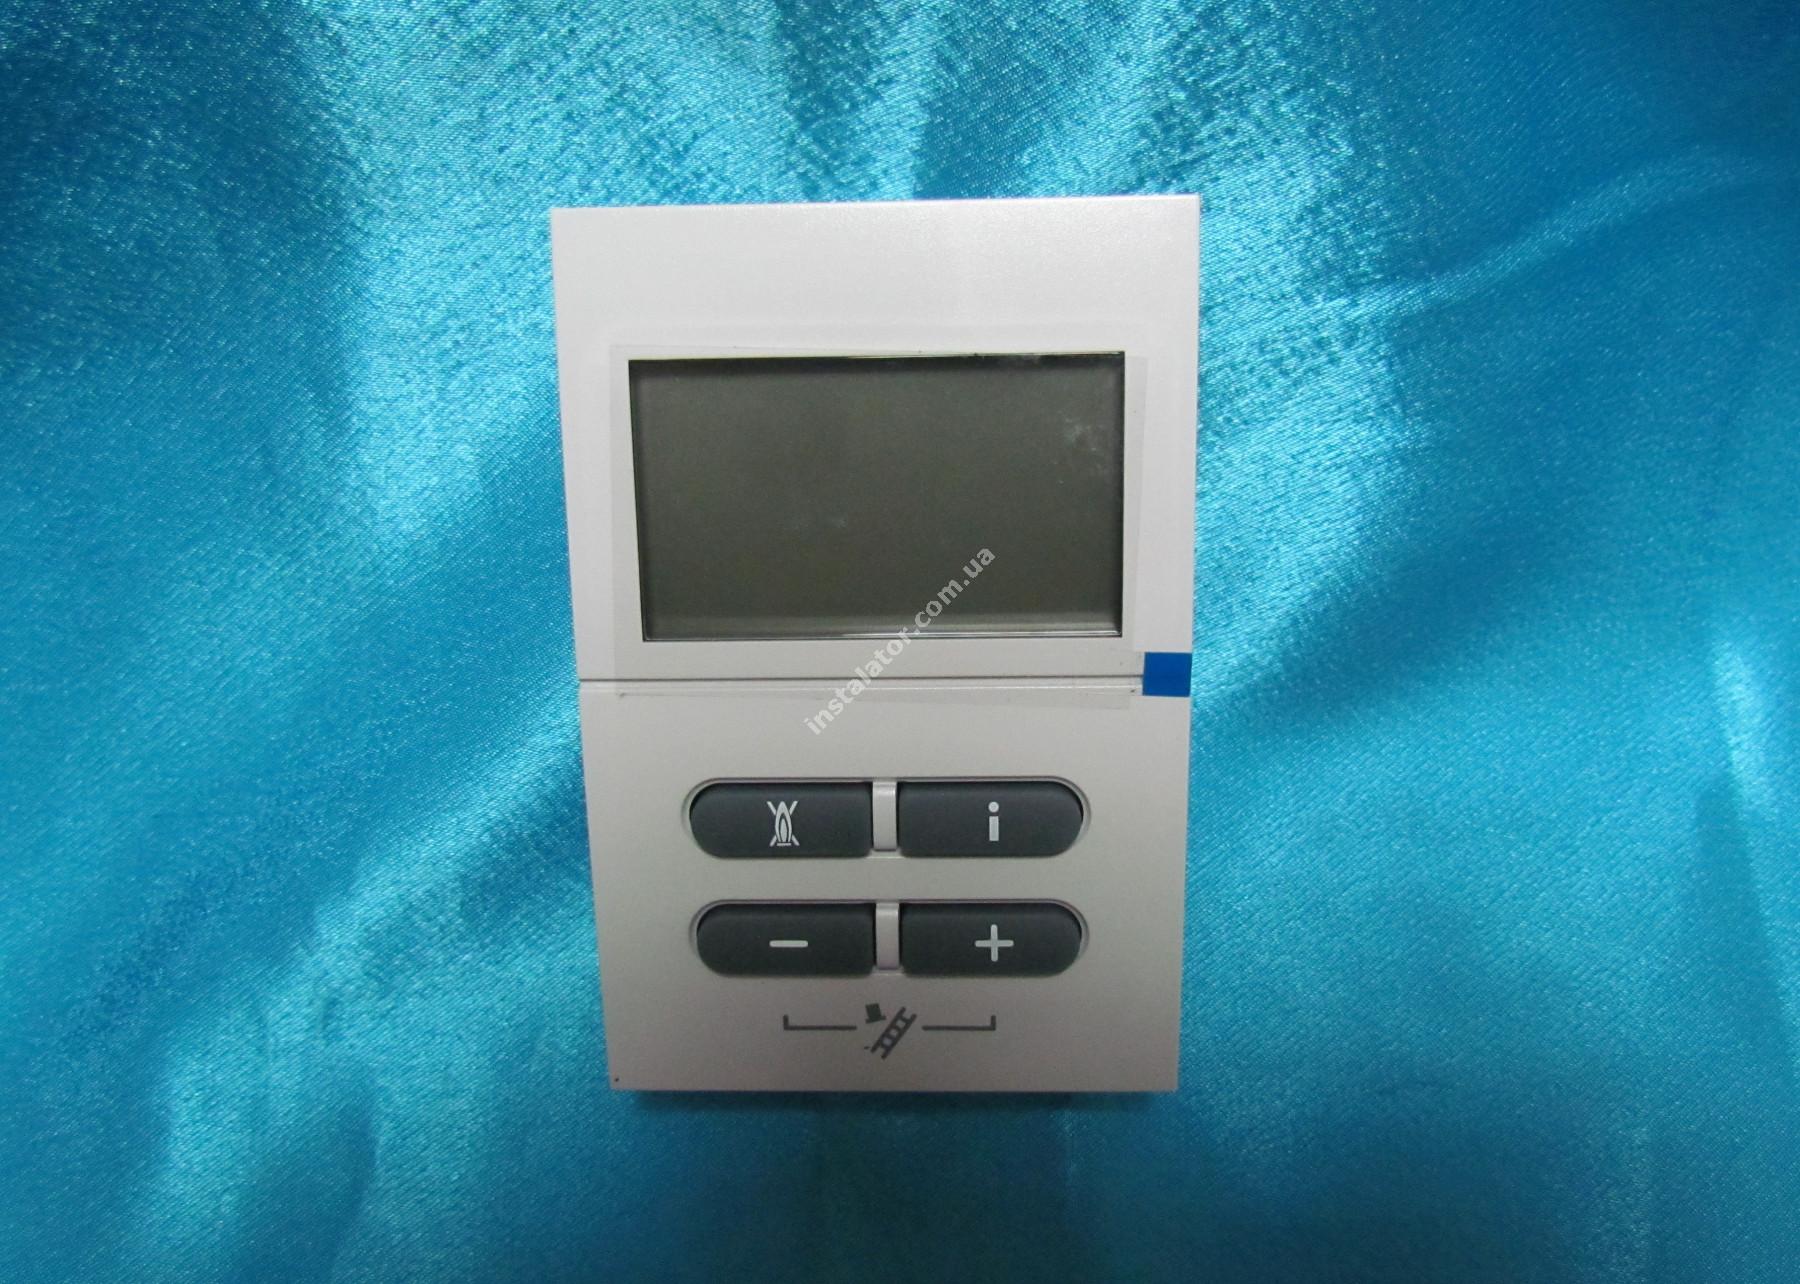 0020056561 Плата дисплея Vaillant TEC PLUS full-image-0